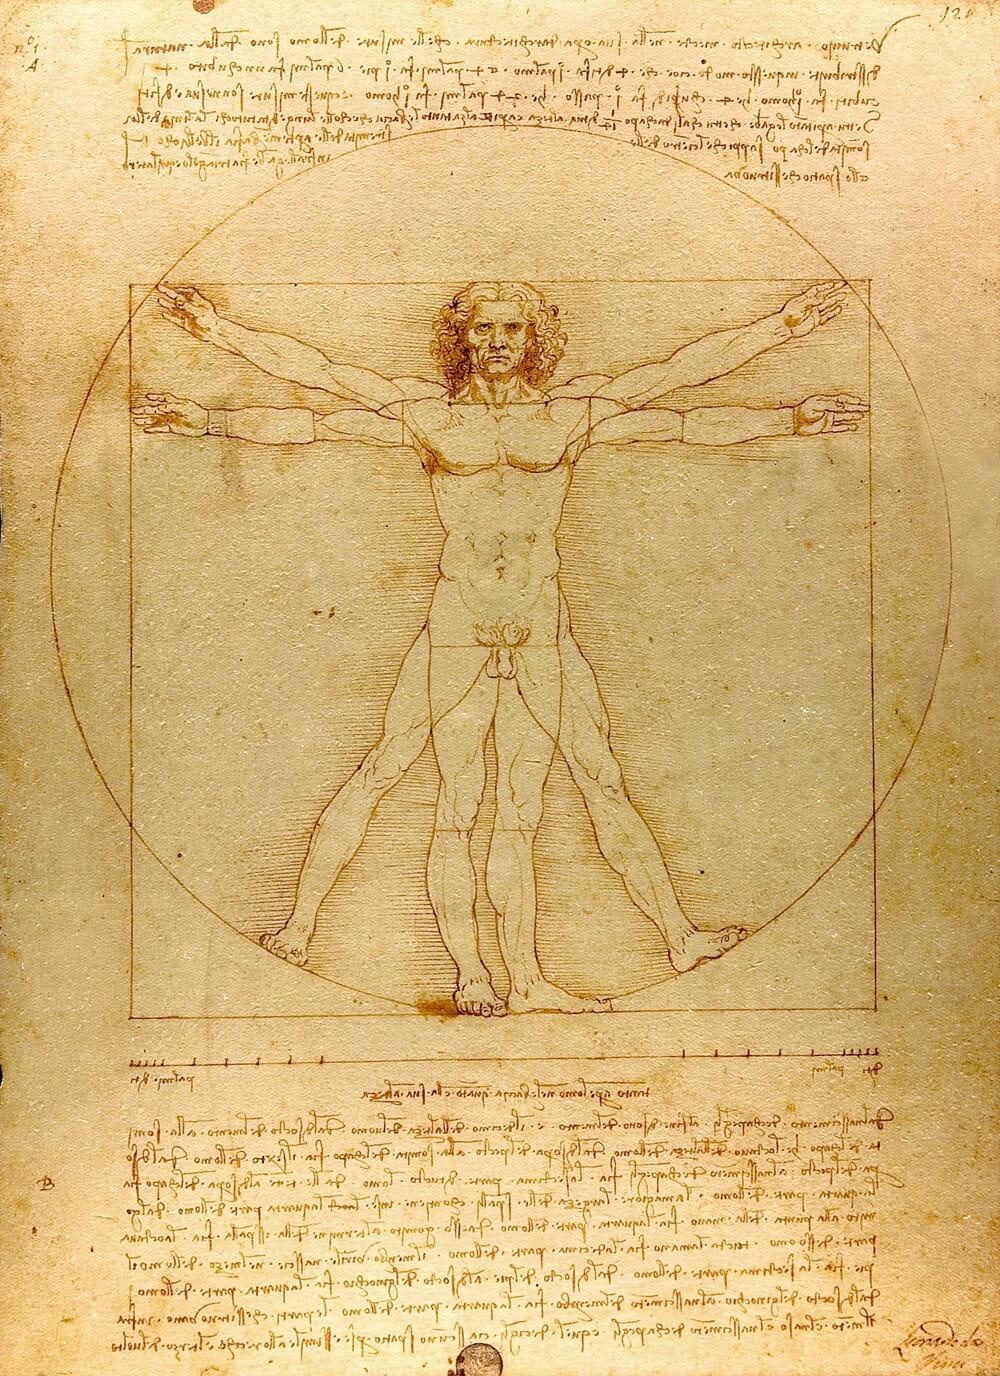 ภาพ 'Vitruvian Man' หนึ่งในผลงานของเลโอนาร์โด ดา วินชี ที่แสดงความเชื่อมโยงระหว่างศิลปะและวิทยาศาสตร์ ที่มา: wikipedia